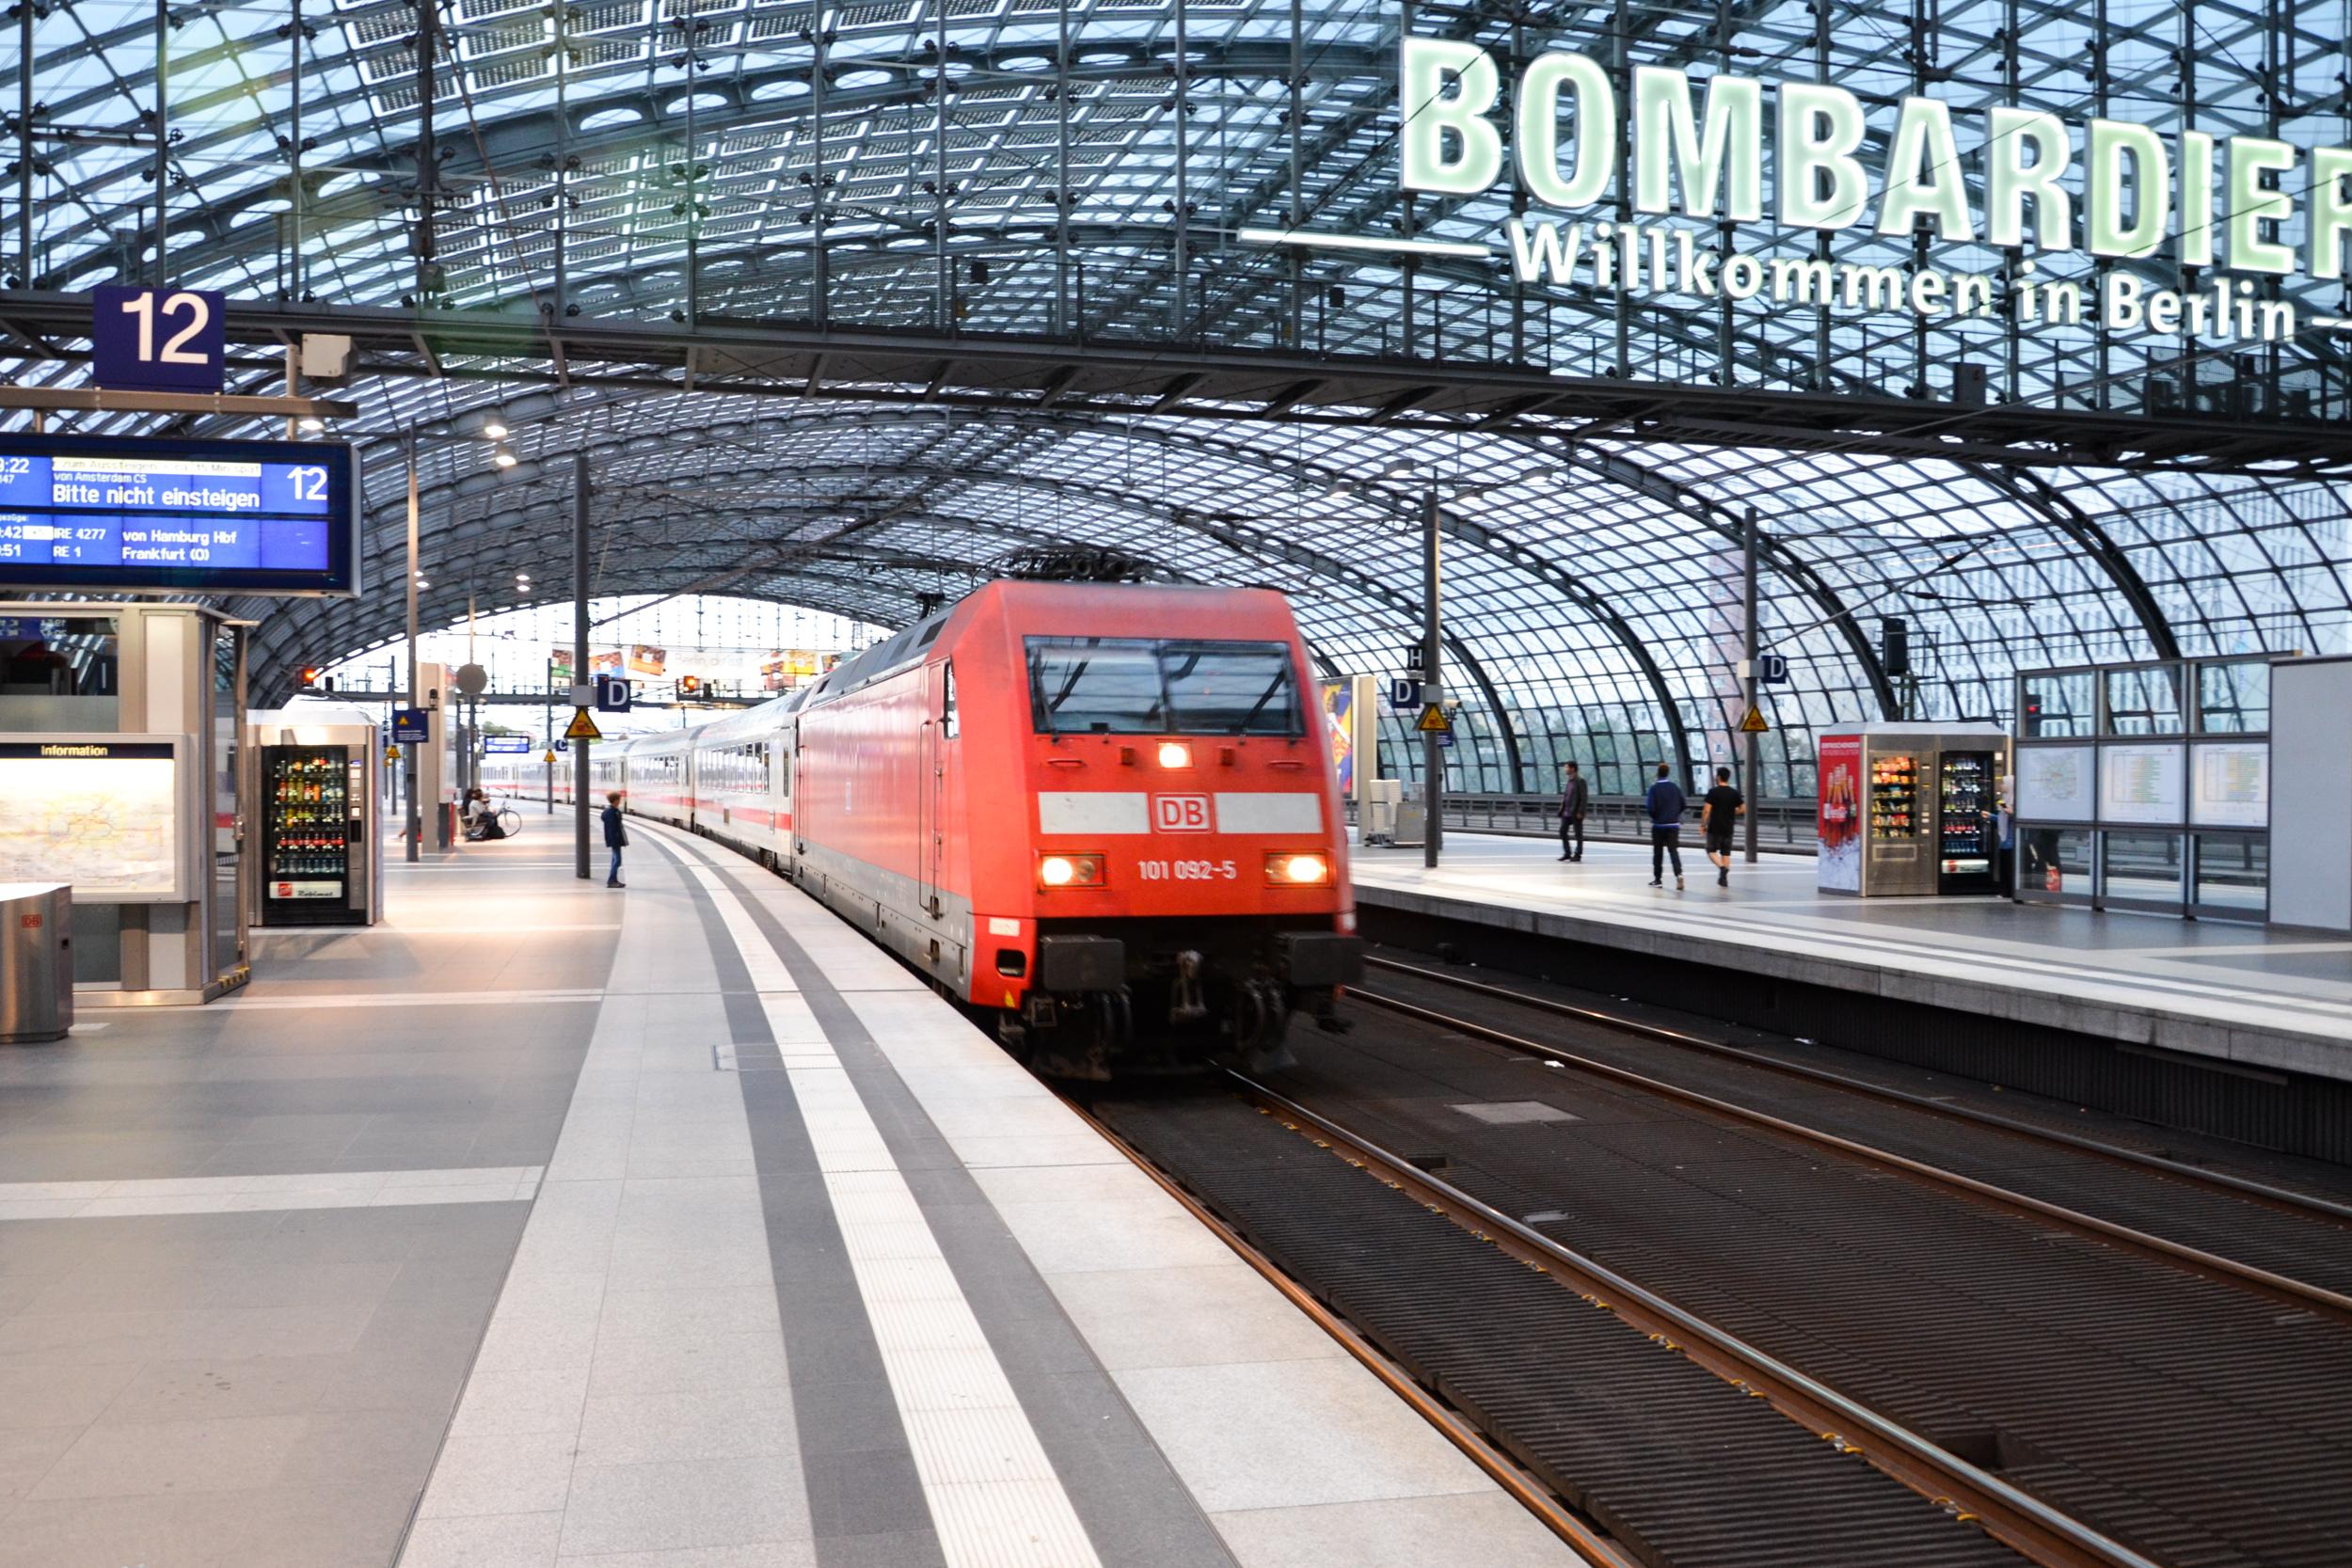 Met De Trein Naar Berlijn Reizen Wattedoeninberlijn Nl